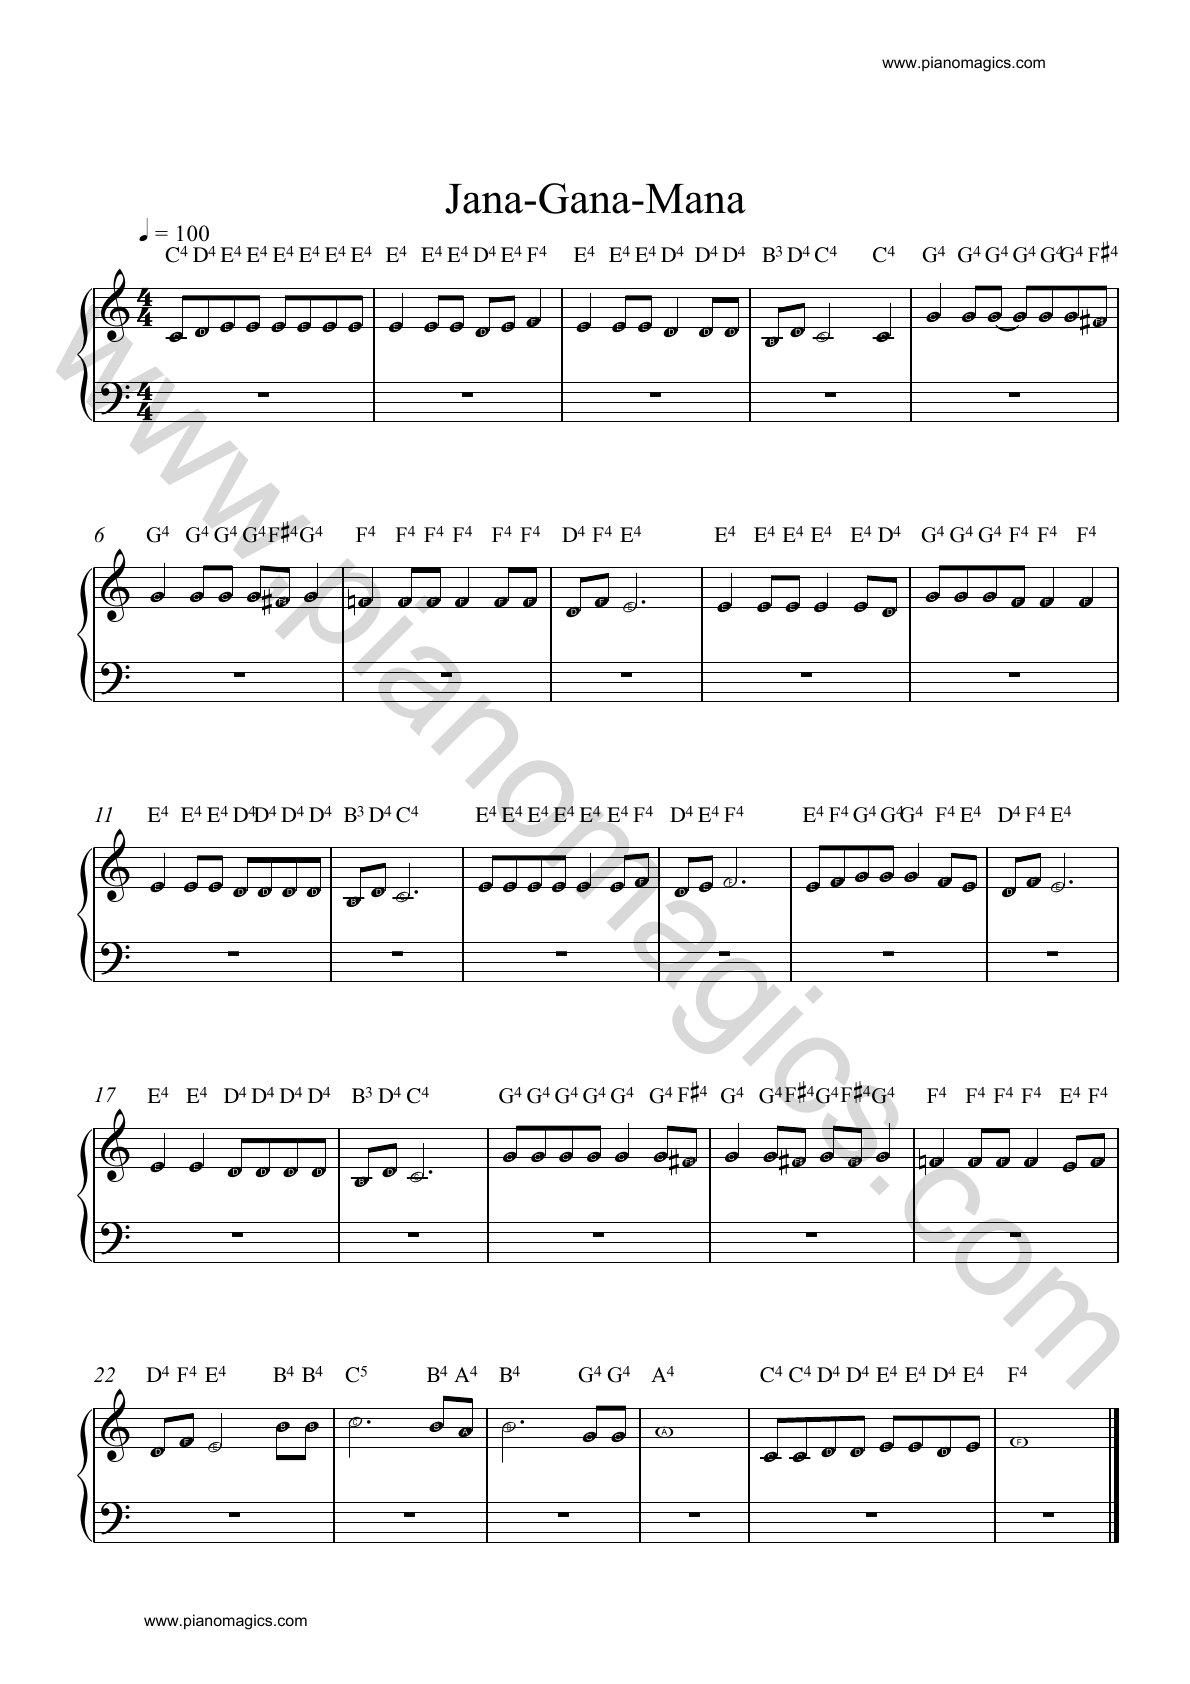 jana gana mana piano notes